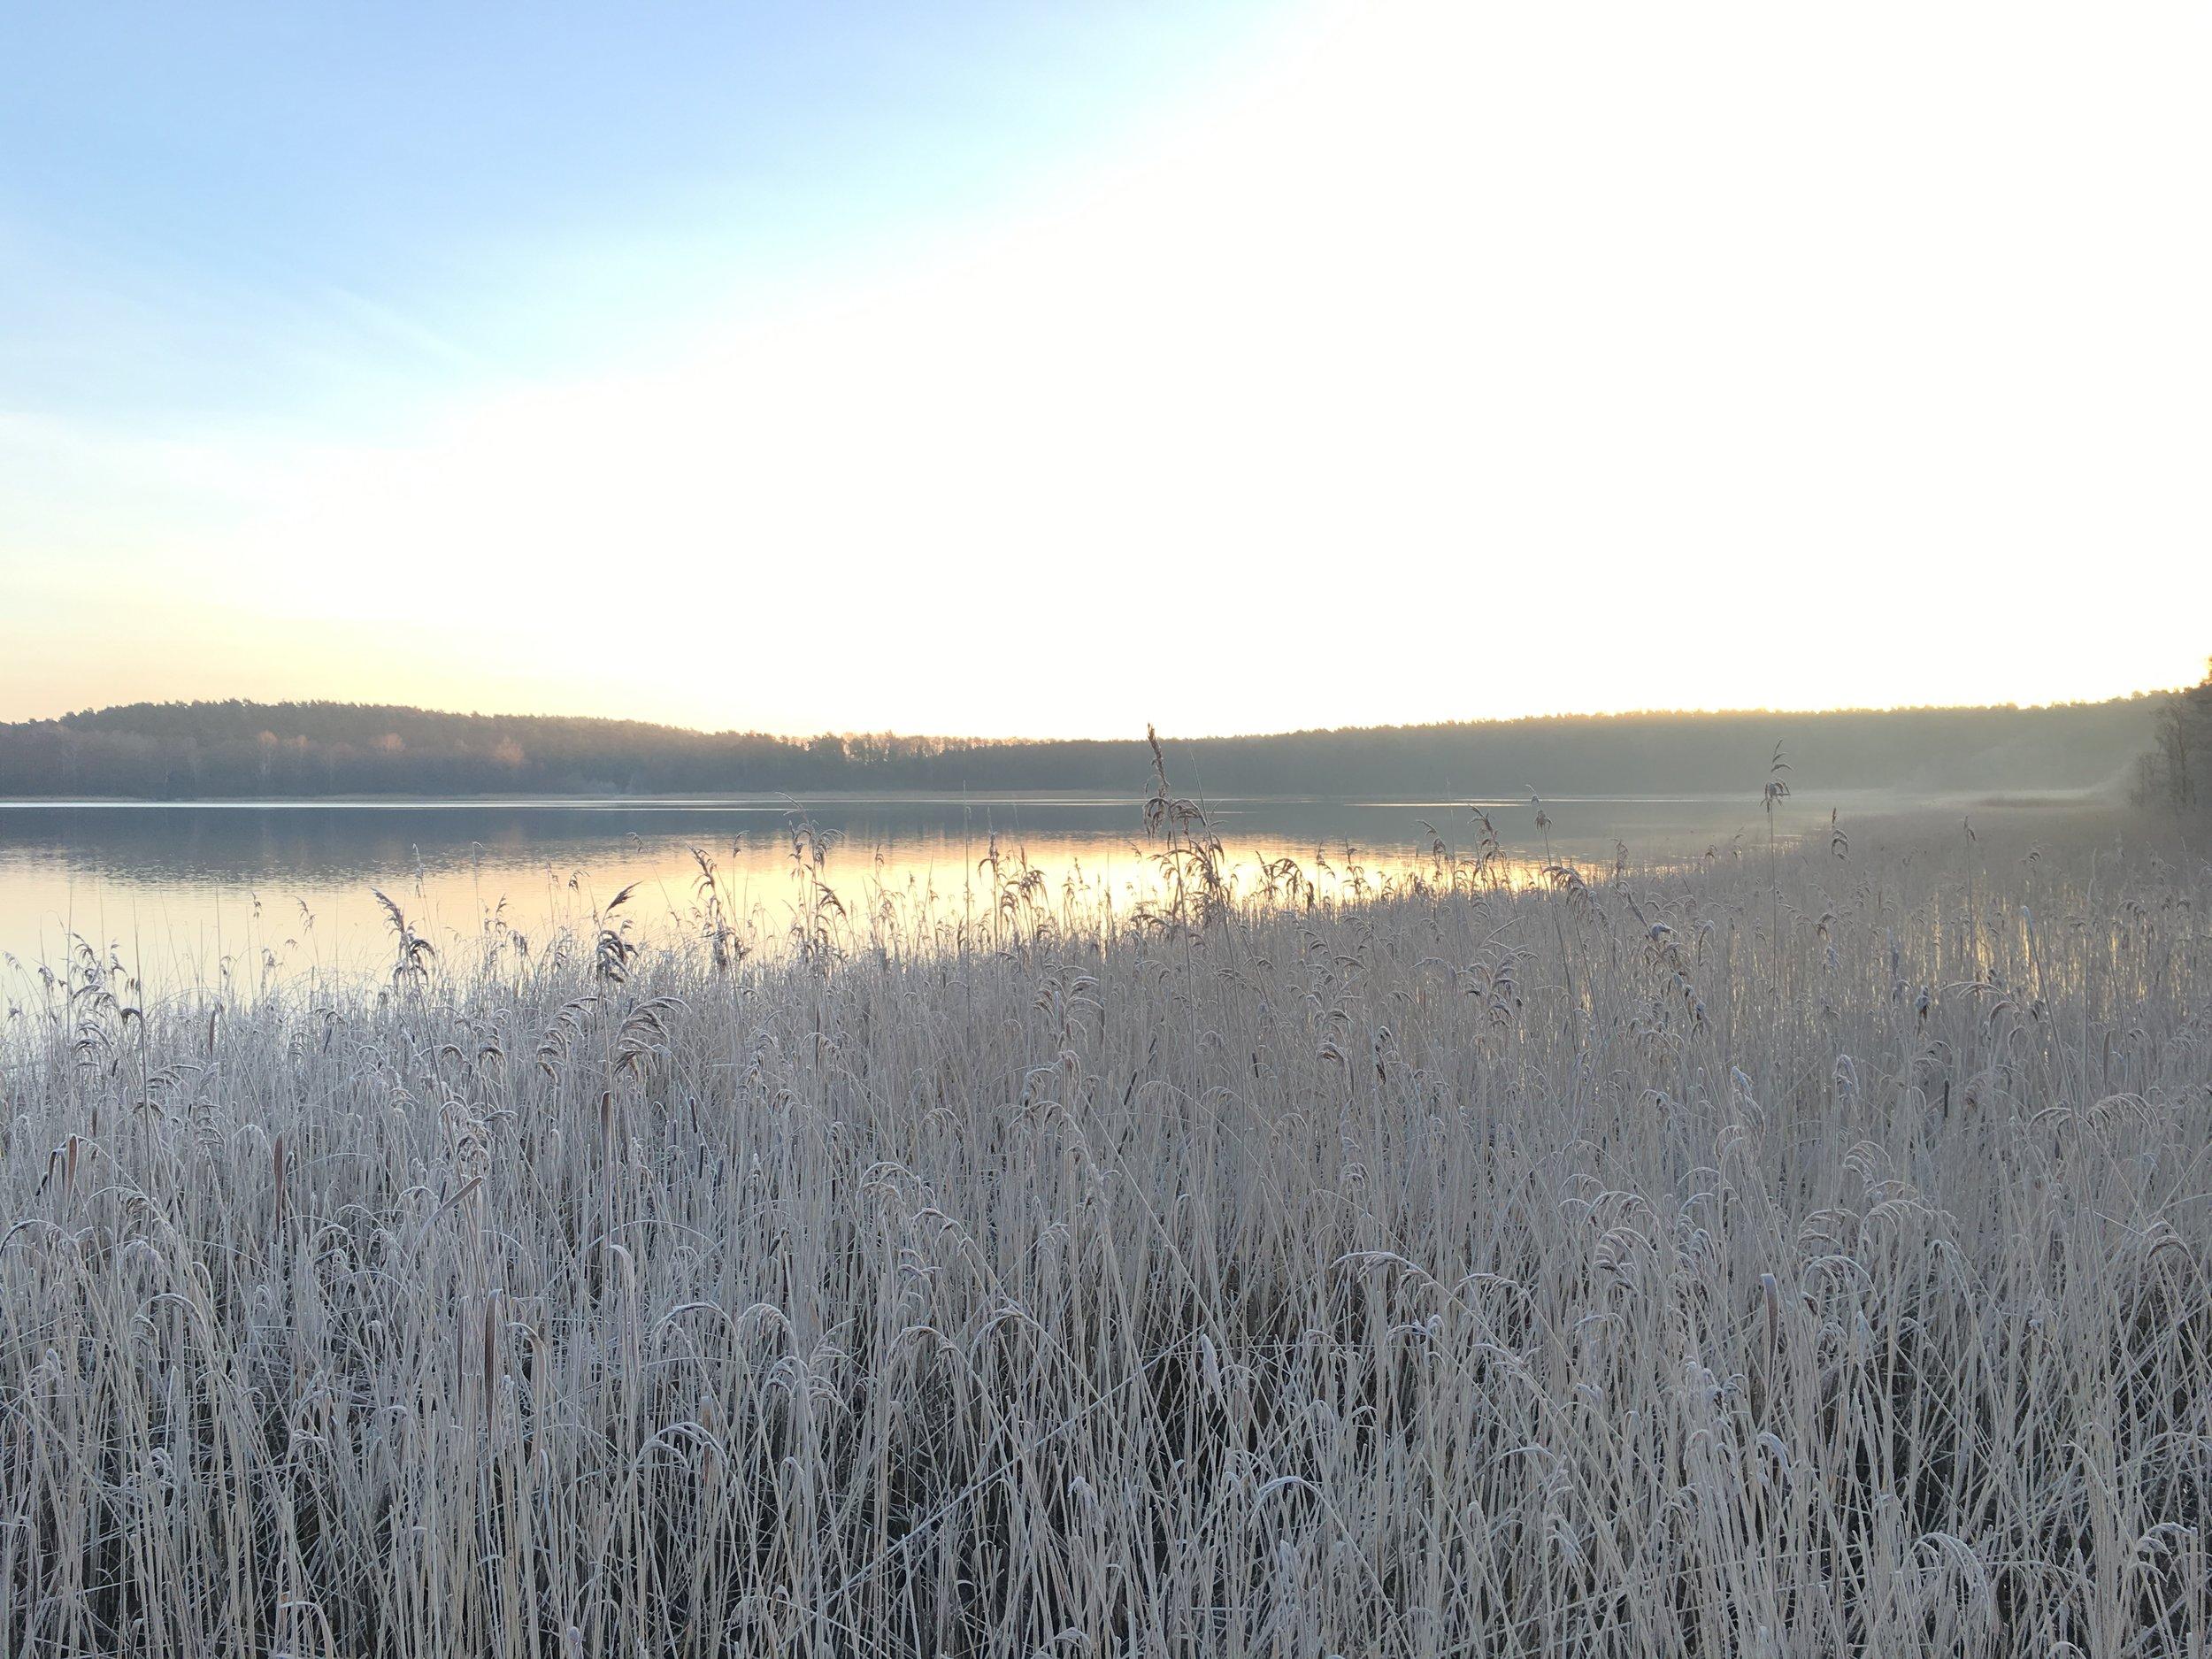 Winter_6 Schilf_©BEWAHREN Ferienhaus eG IMG_9984.JPG